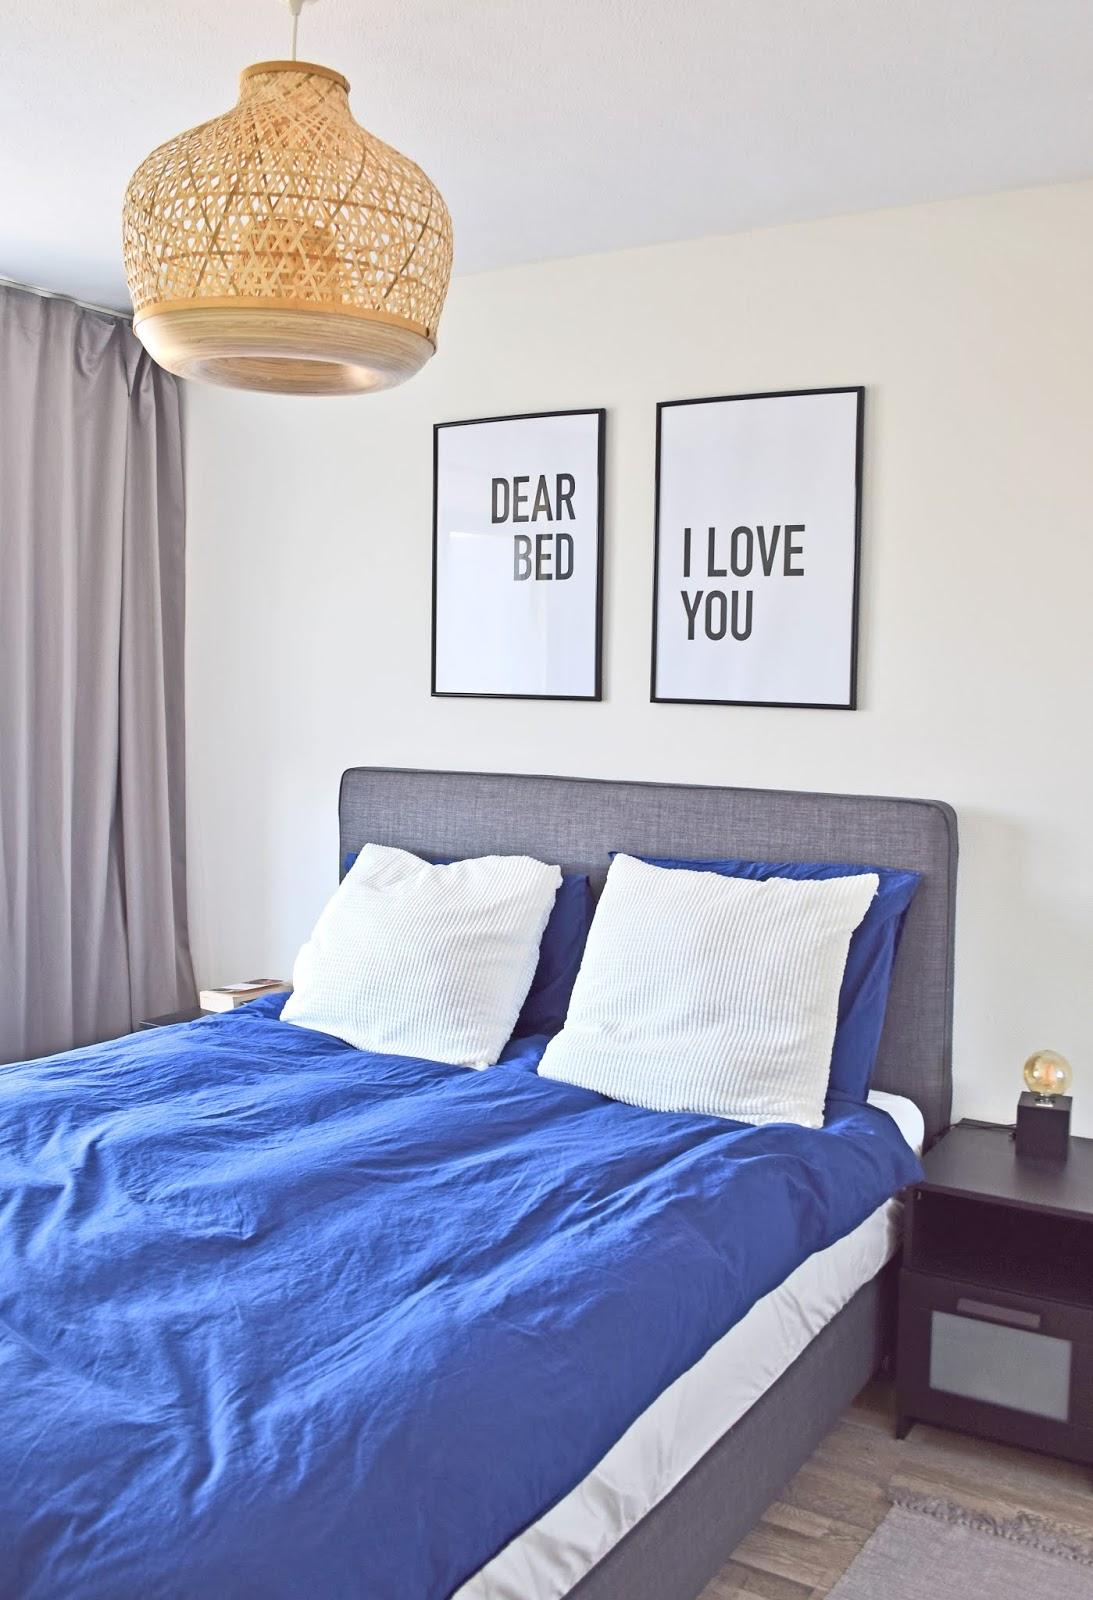 Pomysł na ścianę w sypialni